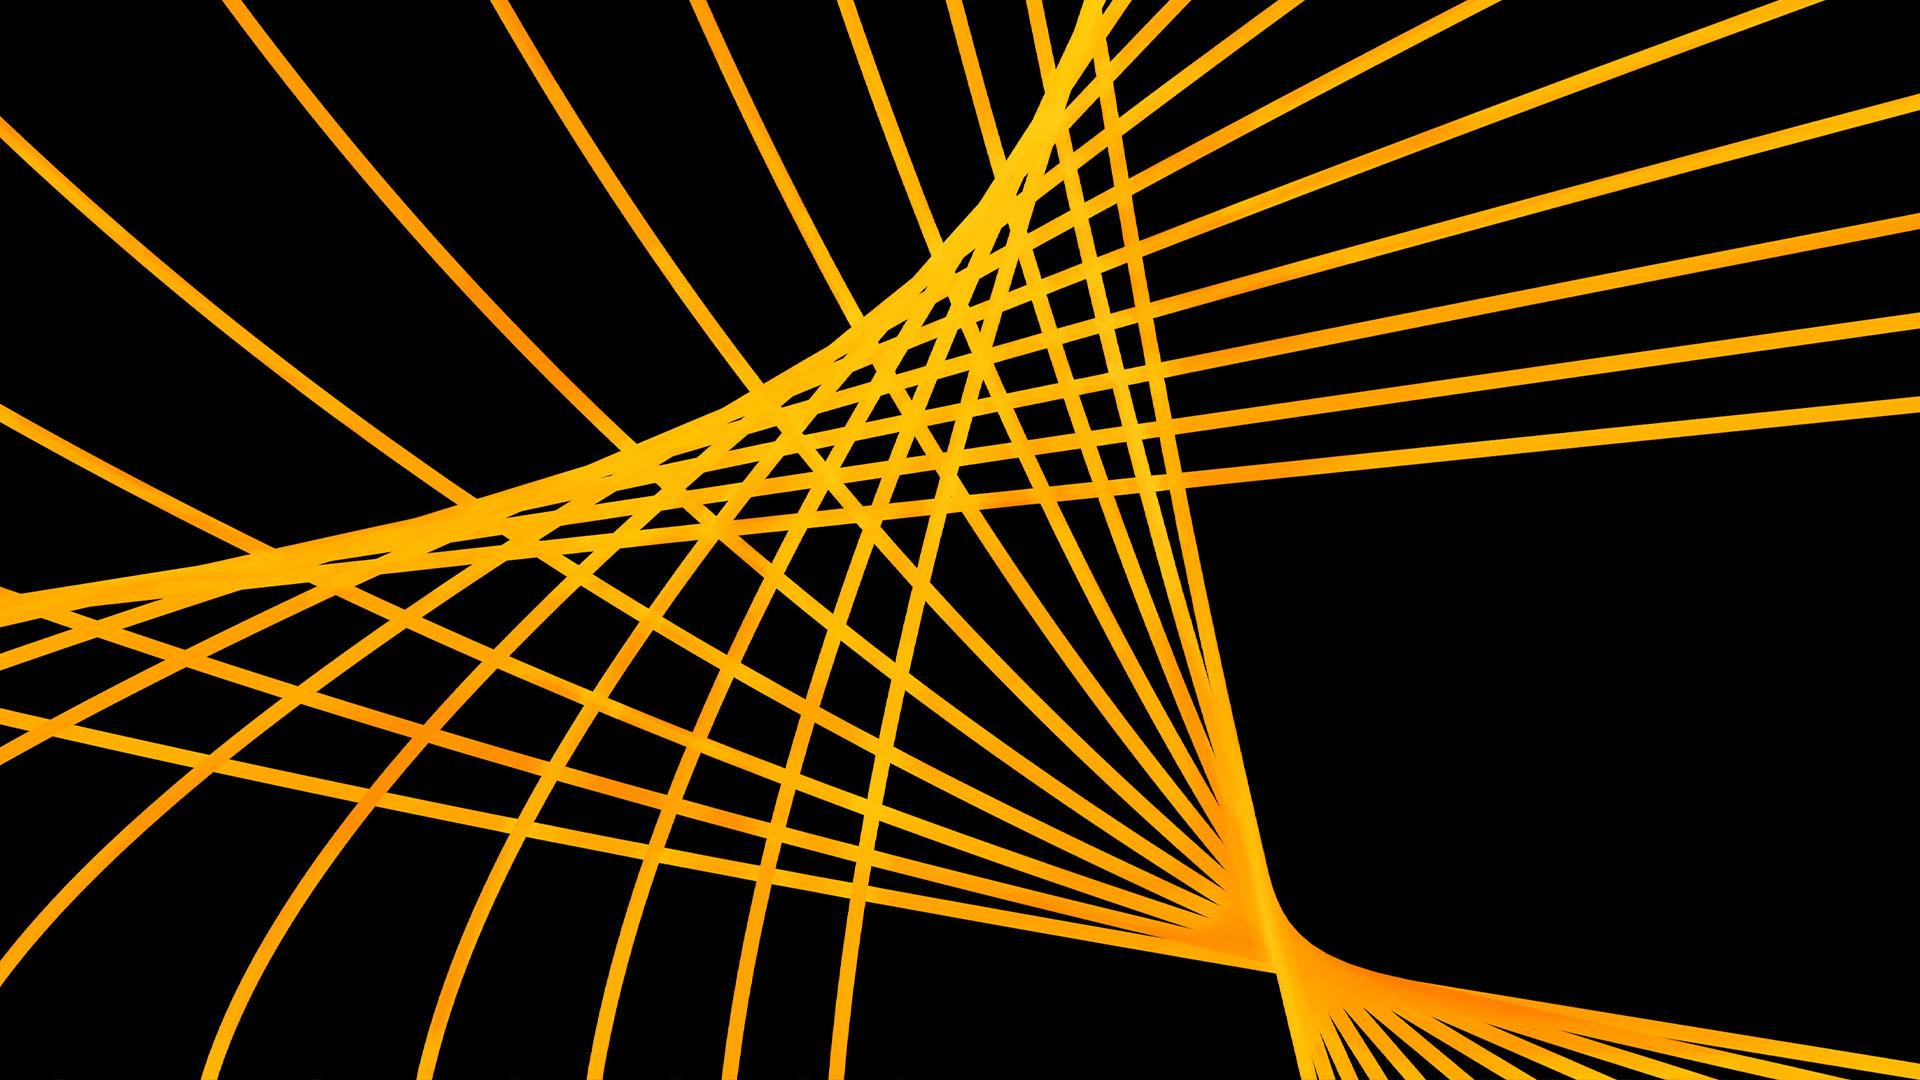 abstract drawing representing web vitals